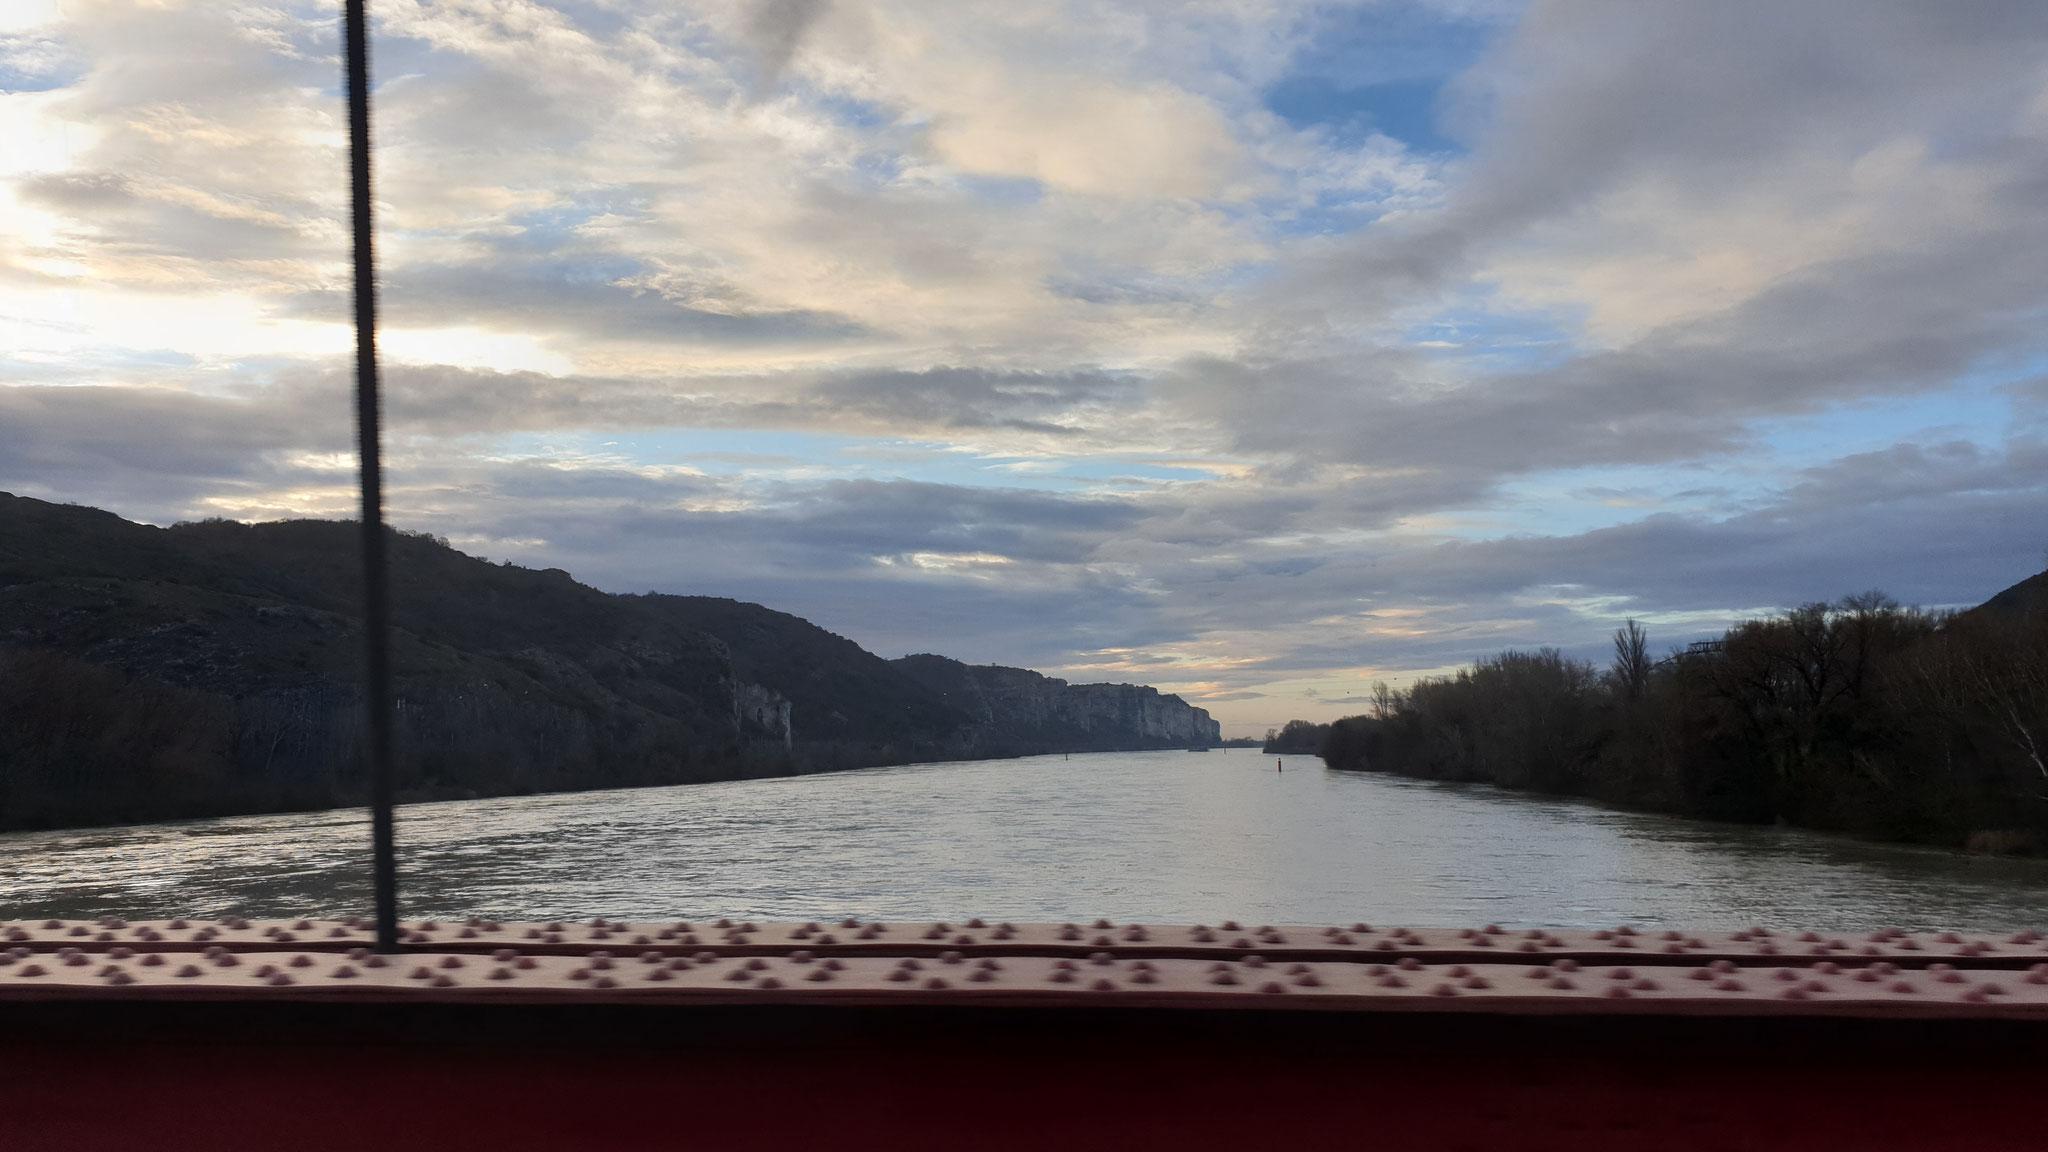 Fahrt über den Fluss